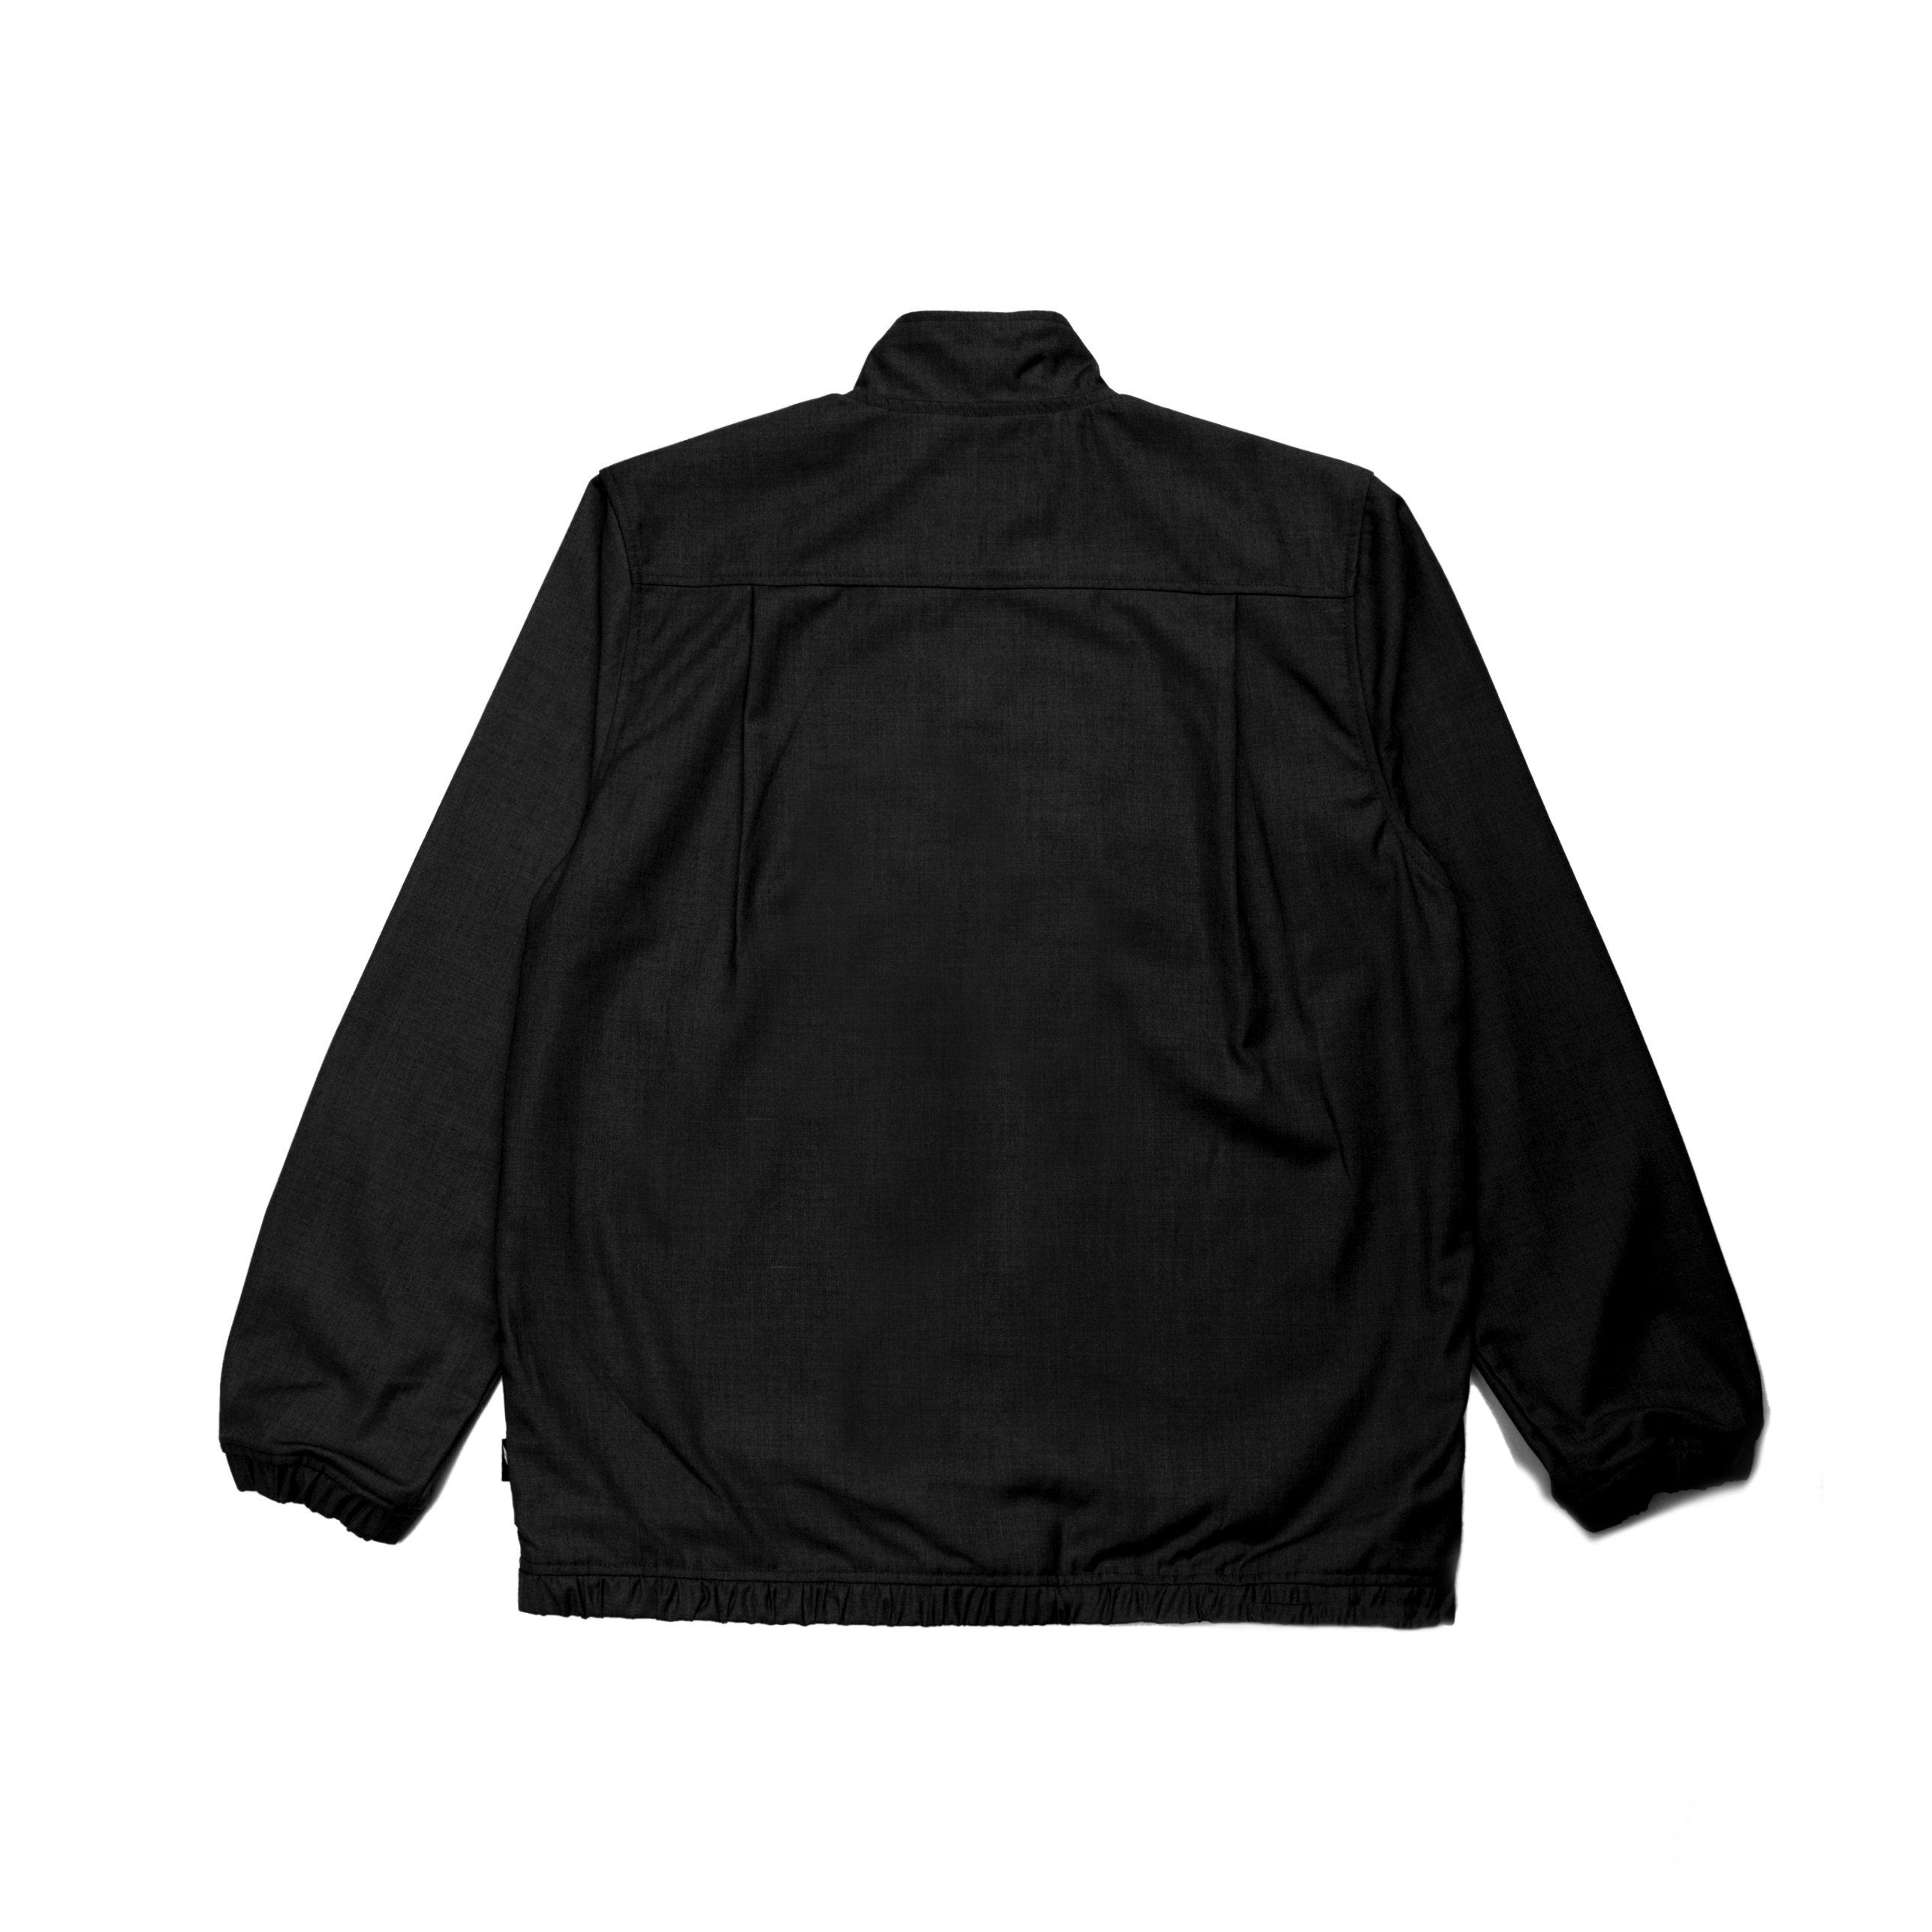 【PUBLISH BRAND/パブリッシュブランド】DARRIN ジャケット / BLACK